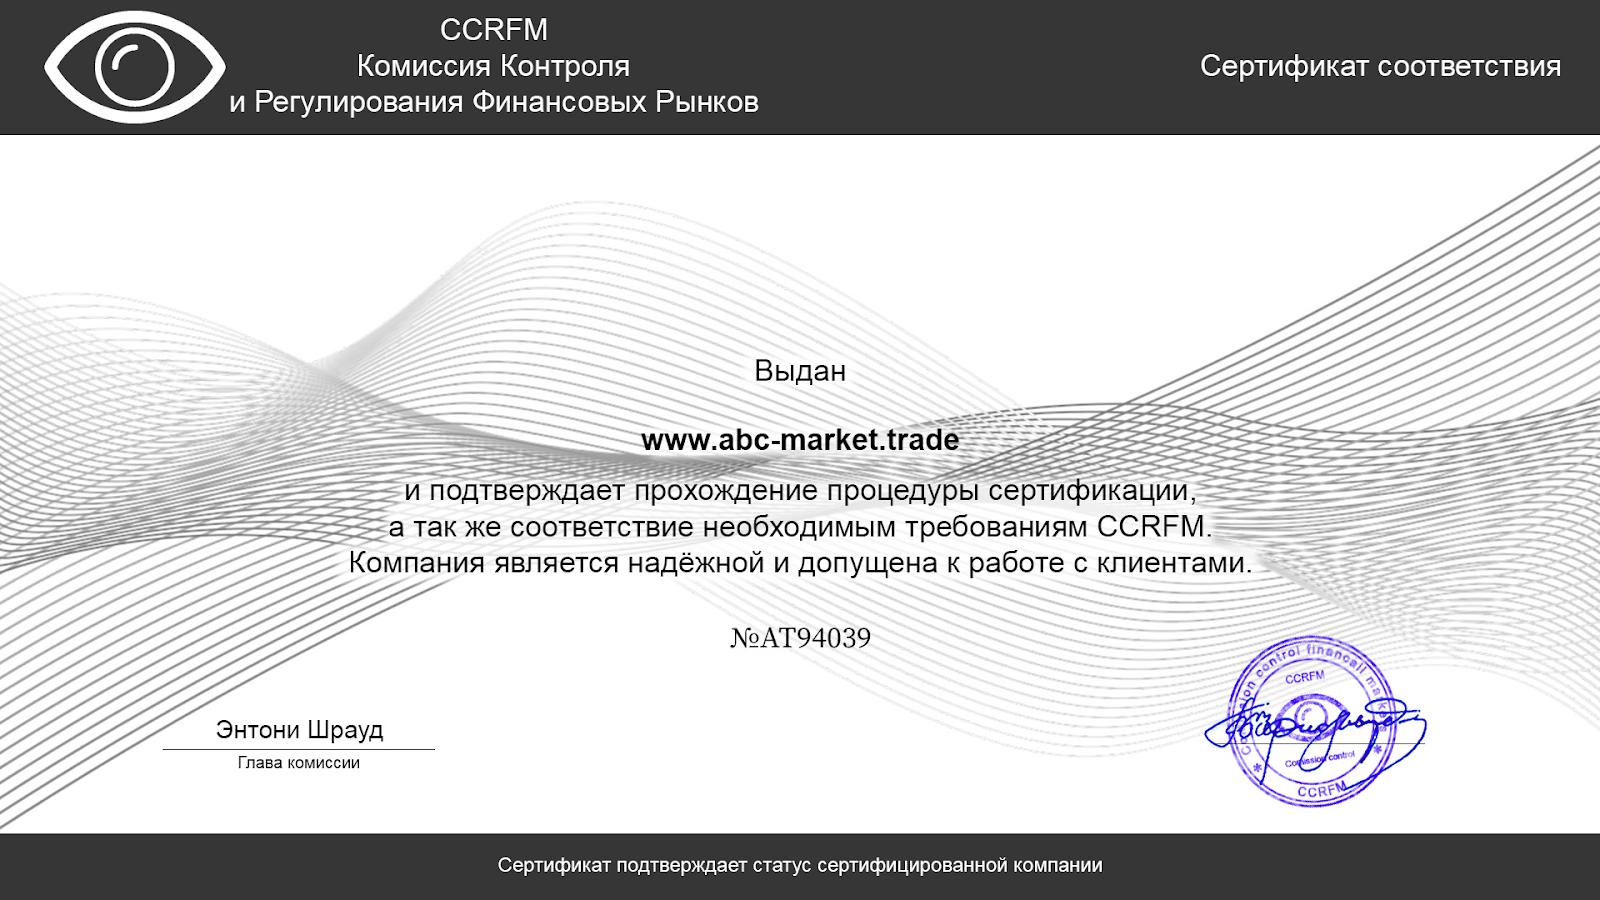 Обзор CFD-брокера ABC-Market: механизмы работы и отзывы клиентов